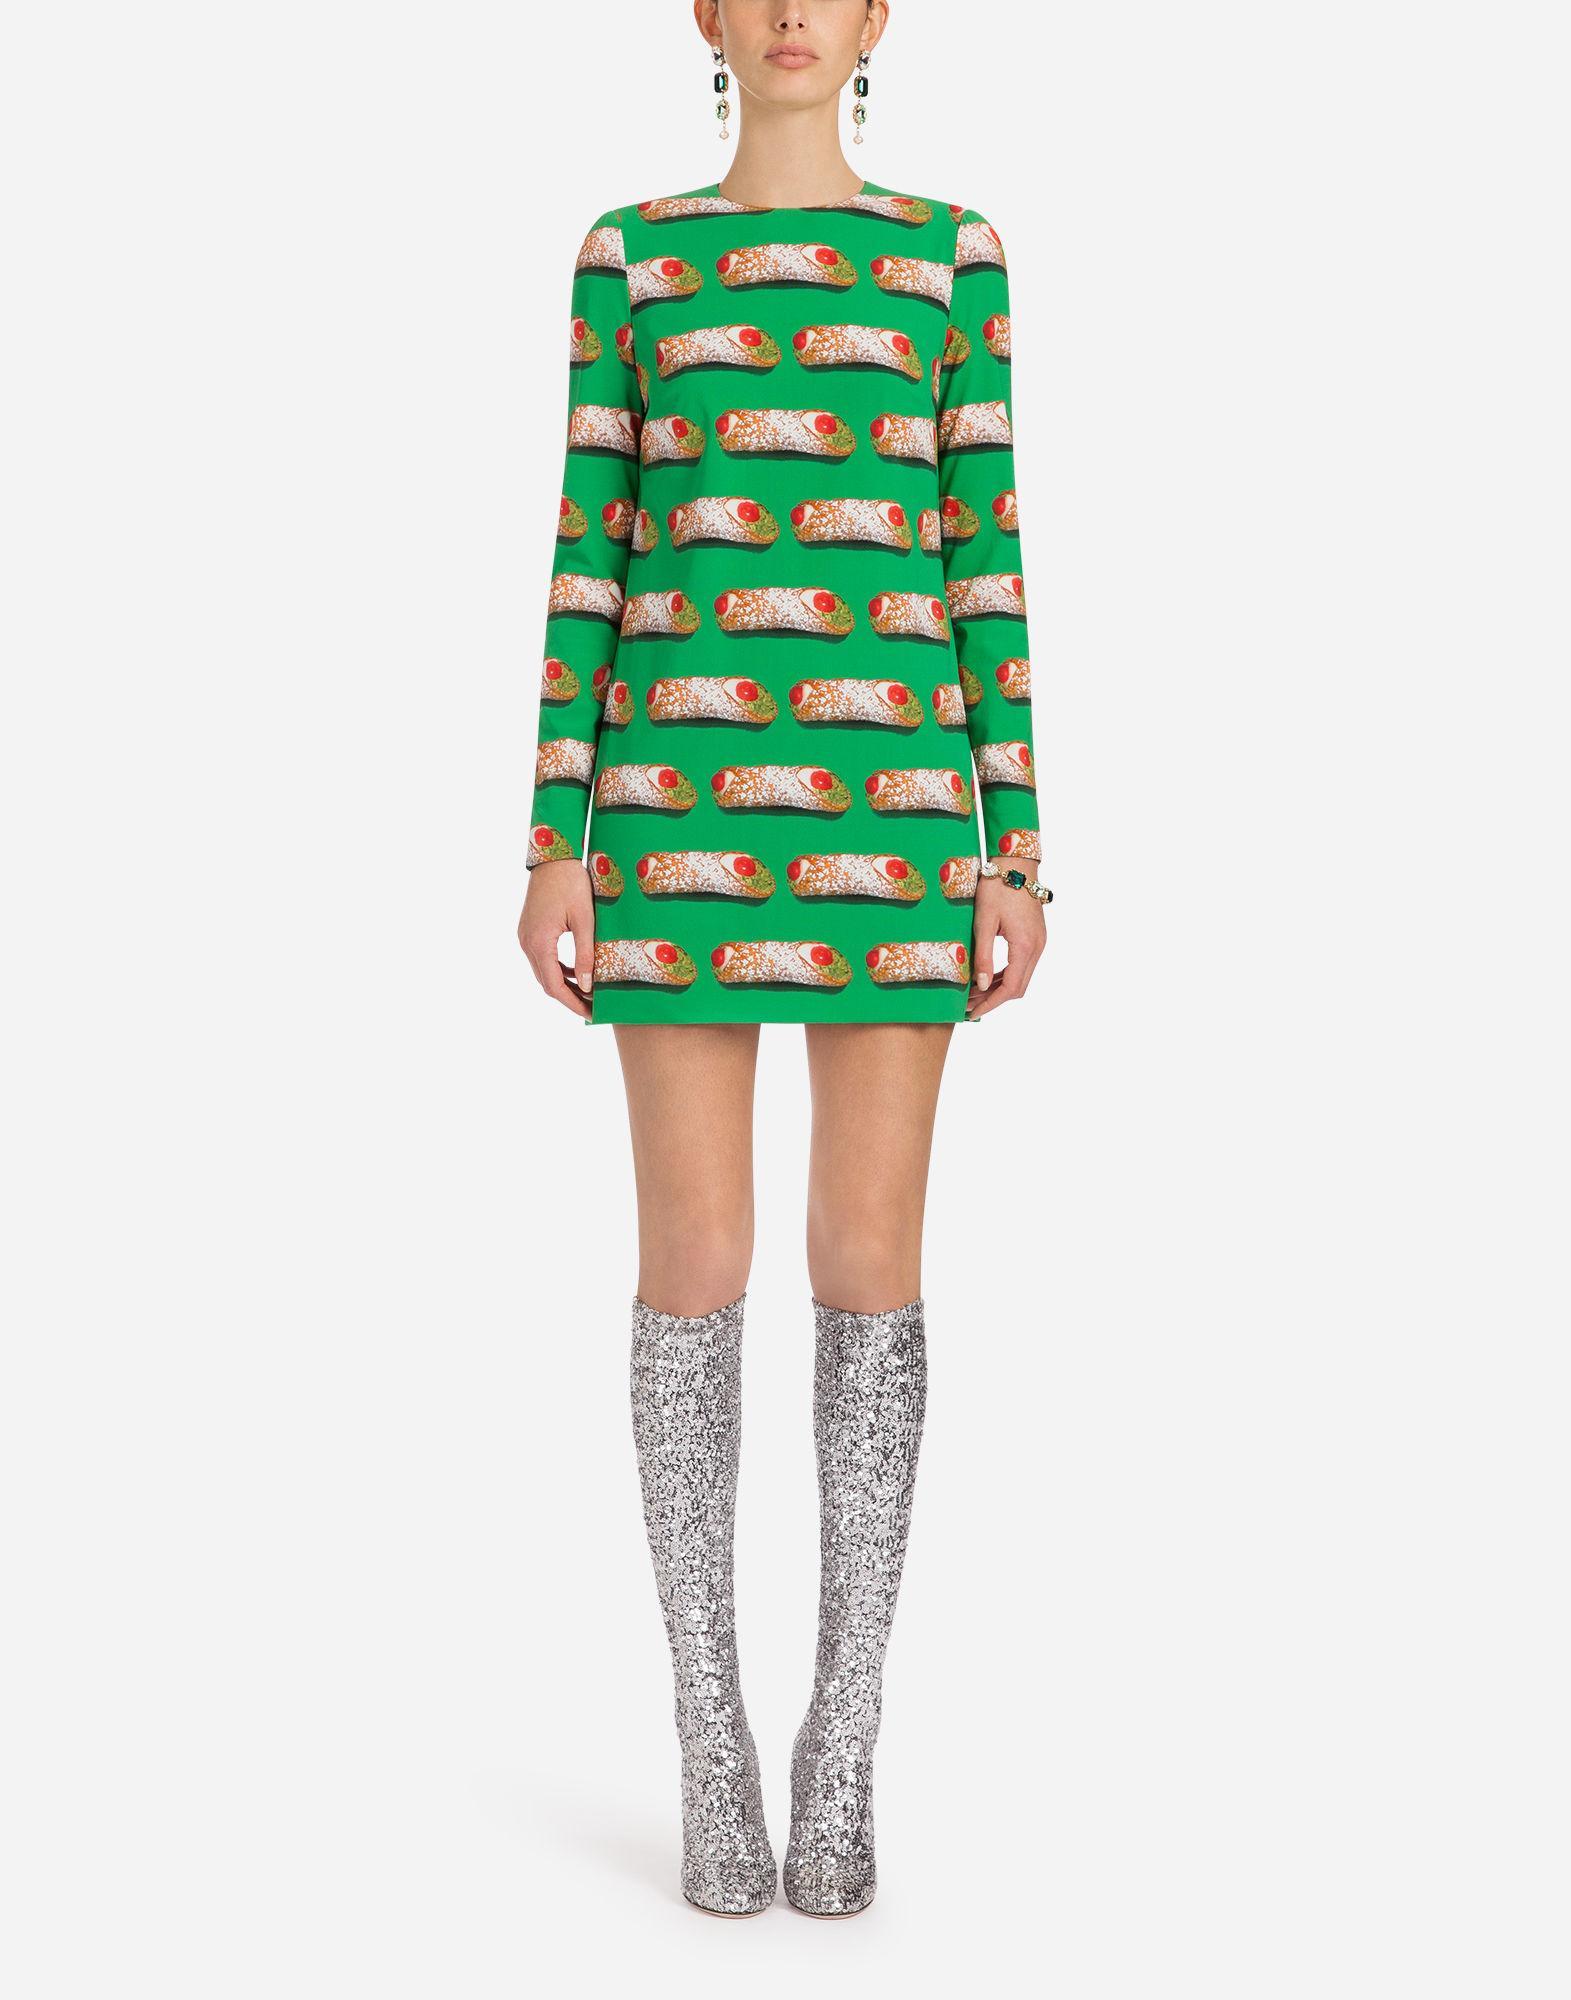 Dolce & Gabbana Printed Silk Dress In Green